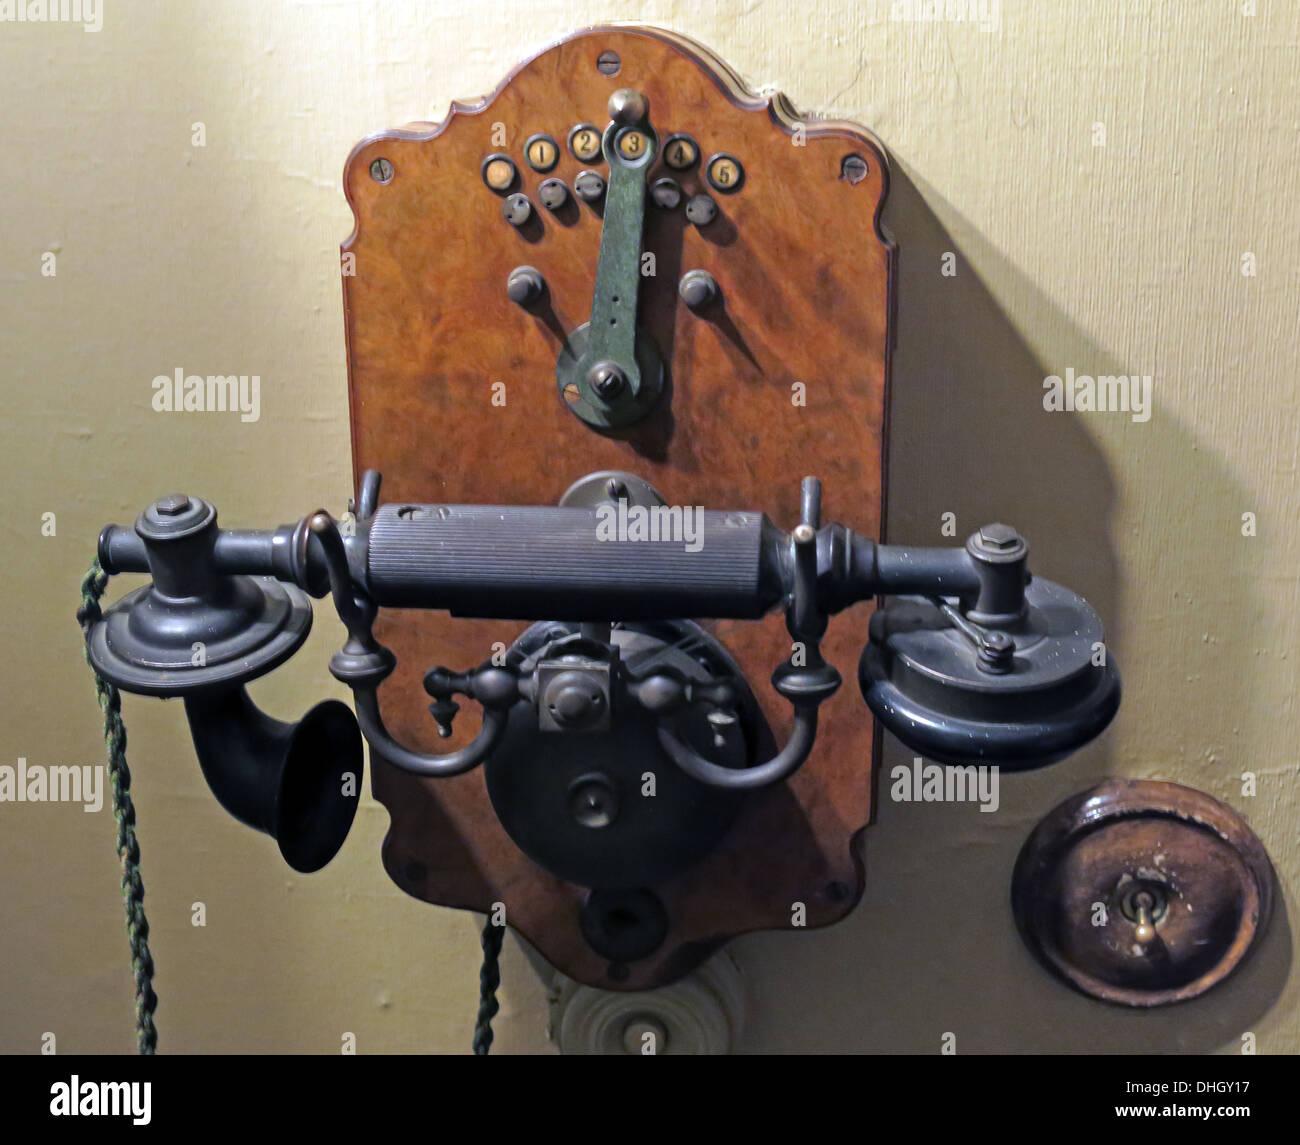 Laden Sie dieses Alamy Stockfoto Altmodische Edwardian Telefon, Dunham Massey NT, Altrincham, Cheshire, England, UK - DHGY17